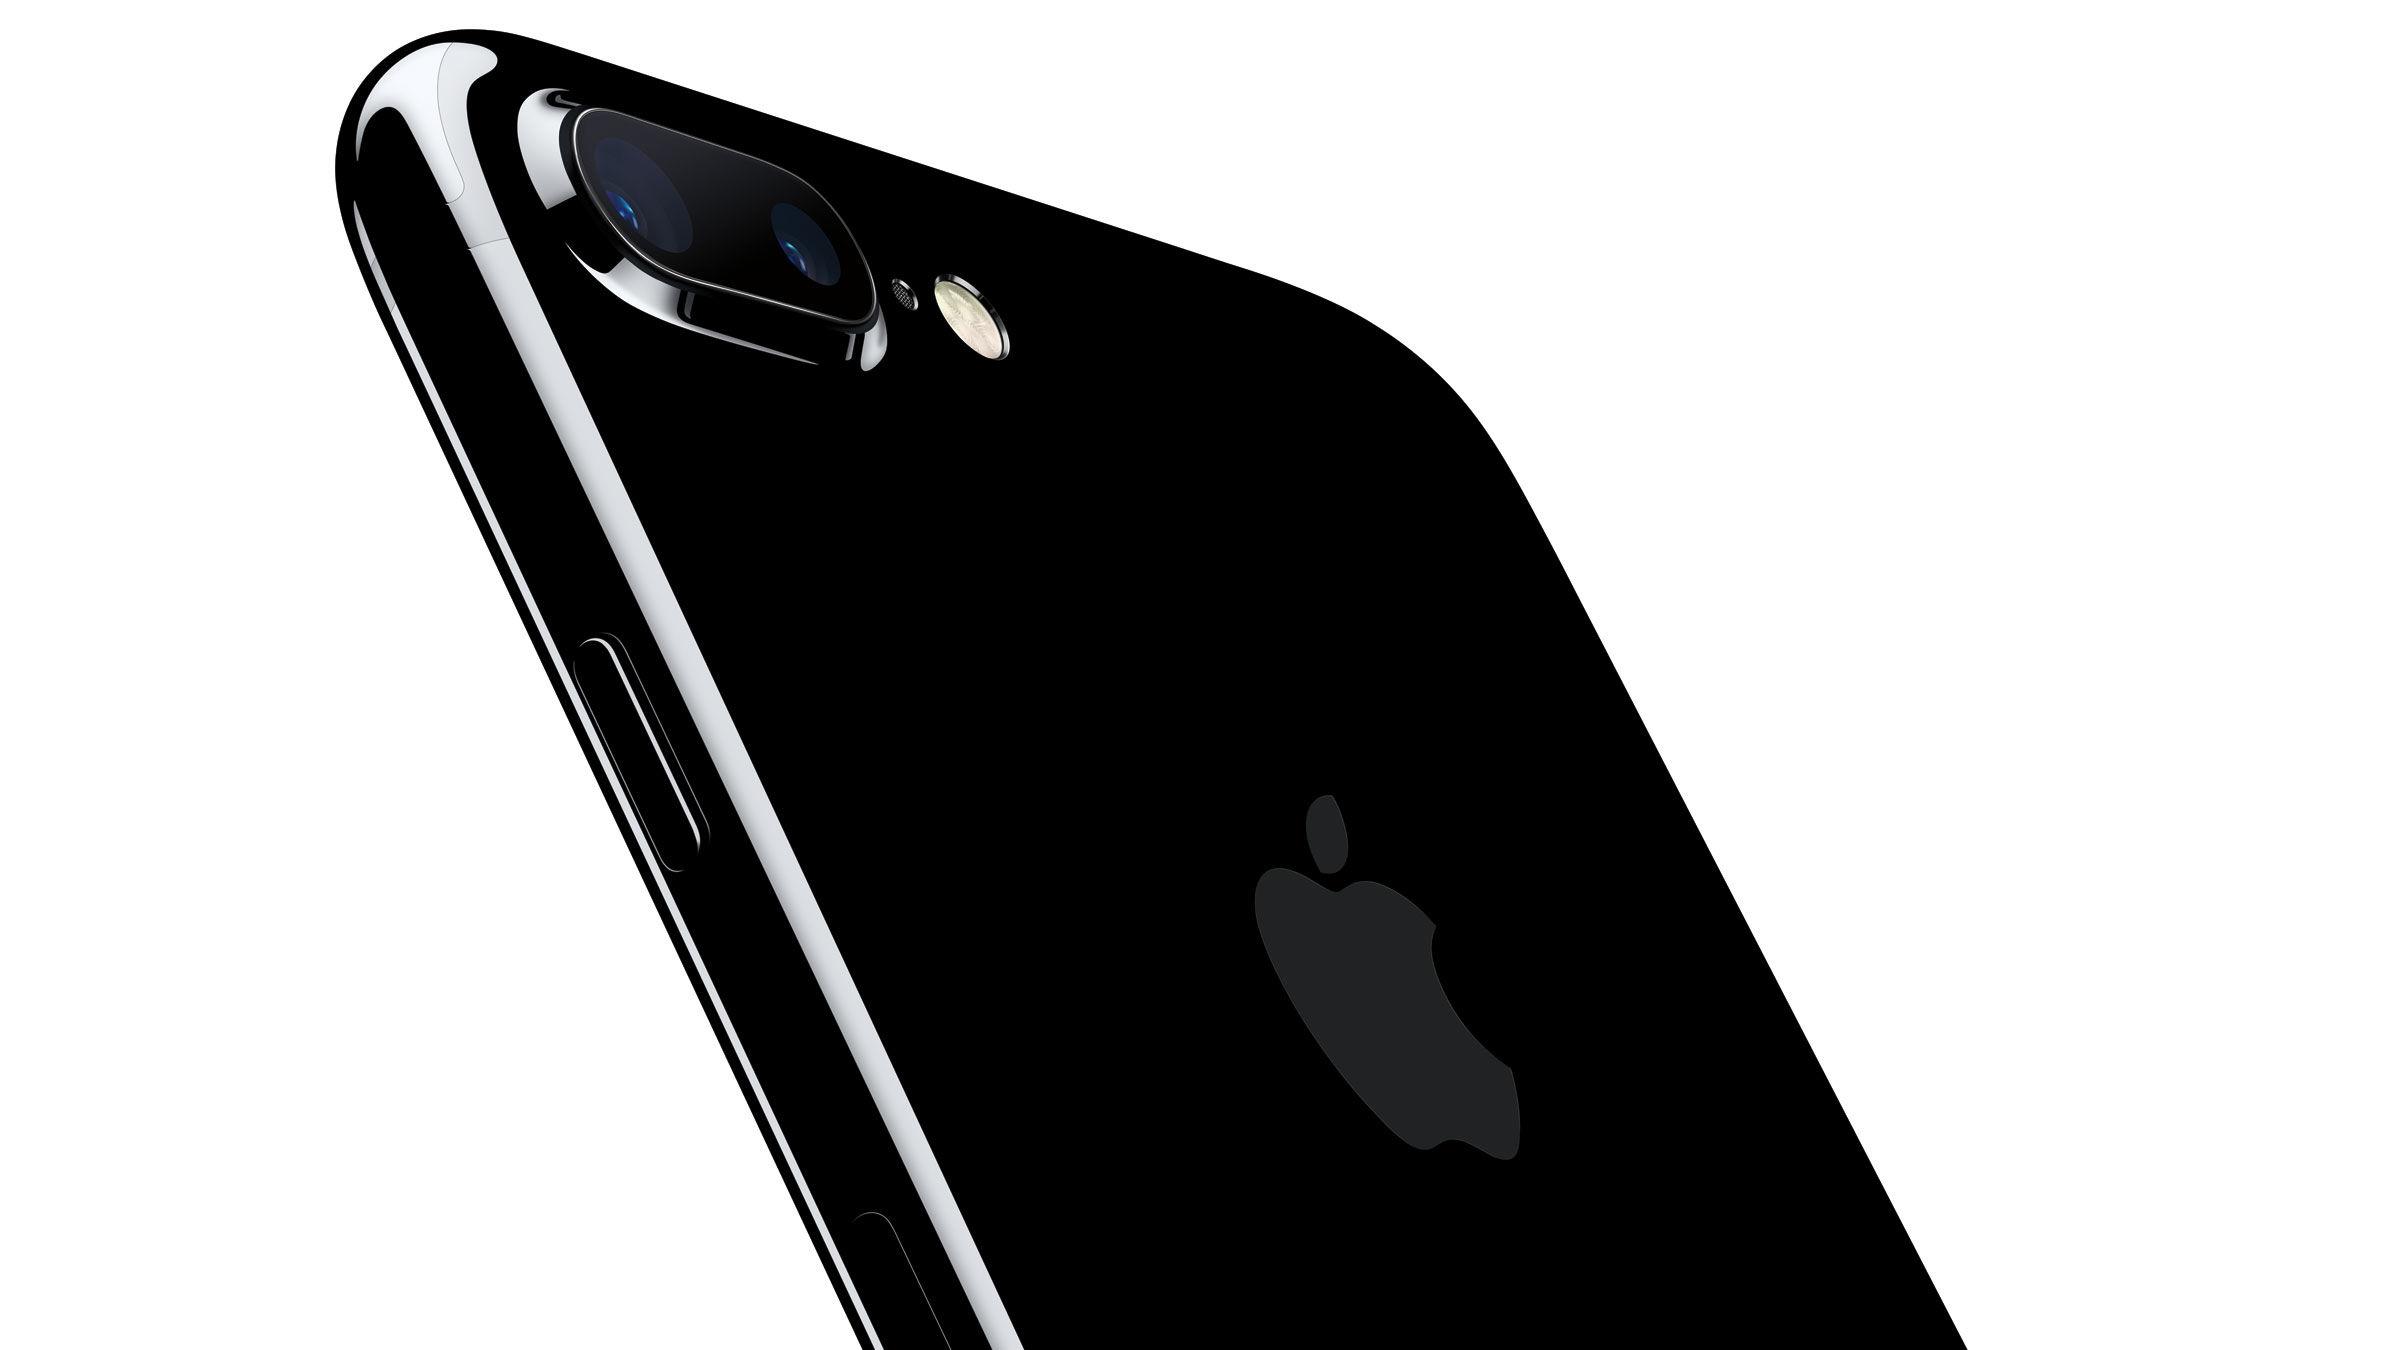 iphone-7-plus-design